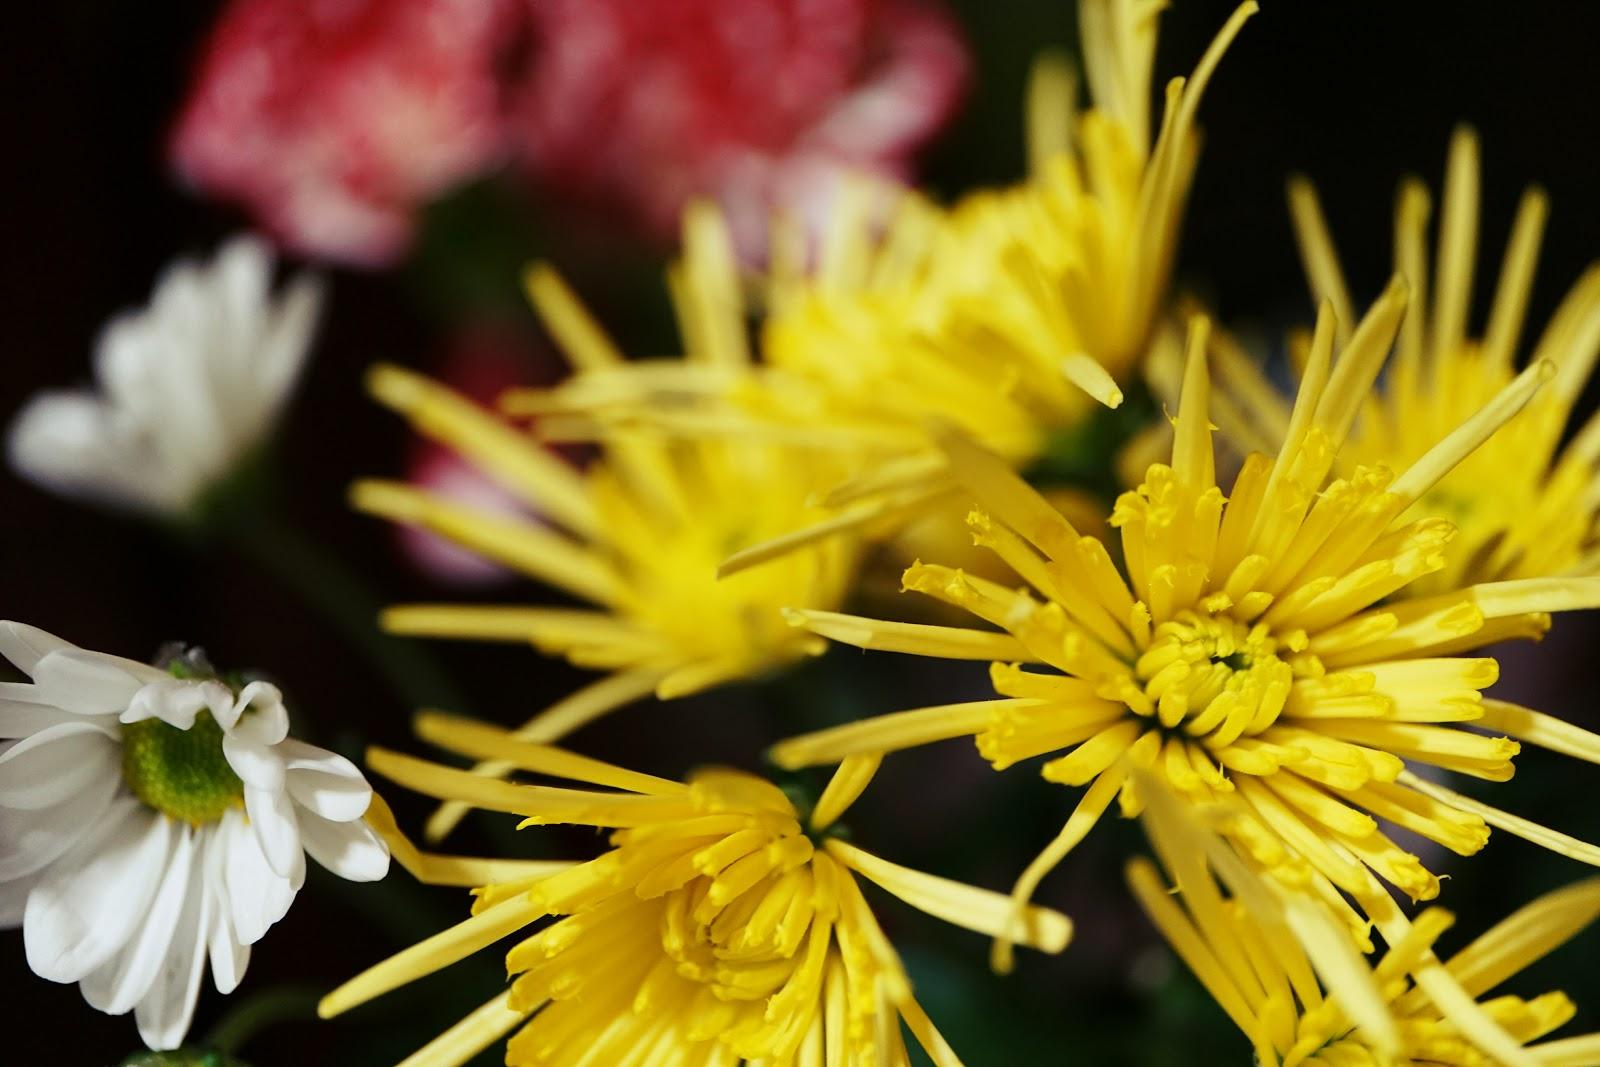 花瓶の細い花弁が開いた幾つかの黄色い花